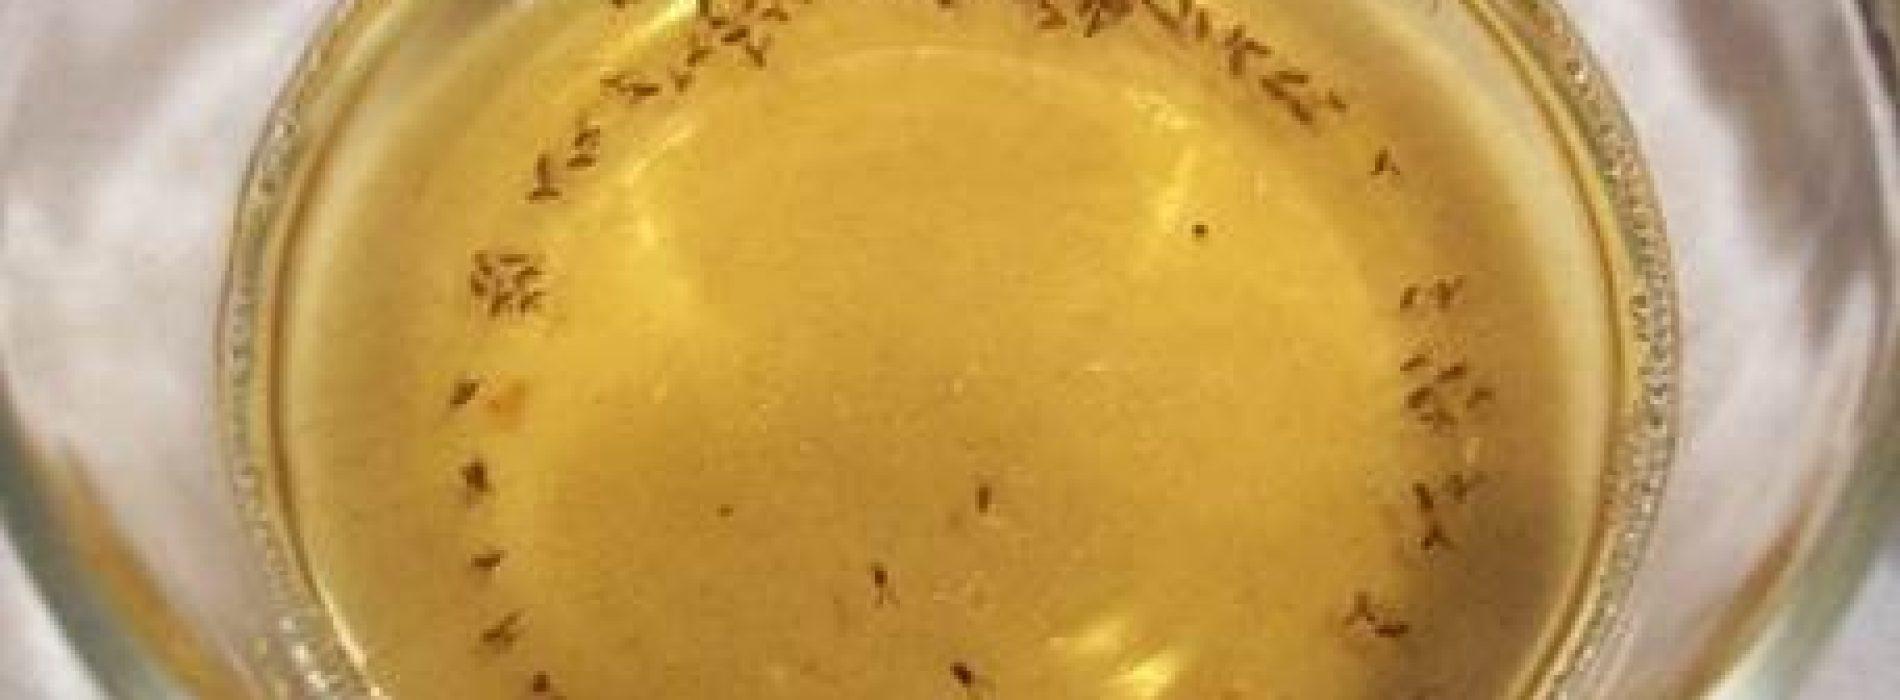 Last van fruitvliegjes? Deze 3 tips zullen ze laten verdwijnen in een mum van tijd!